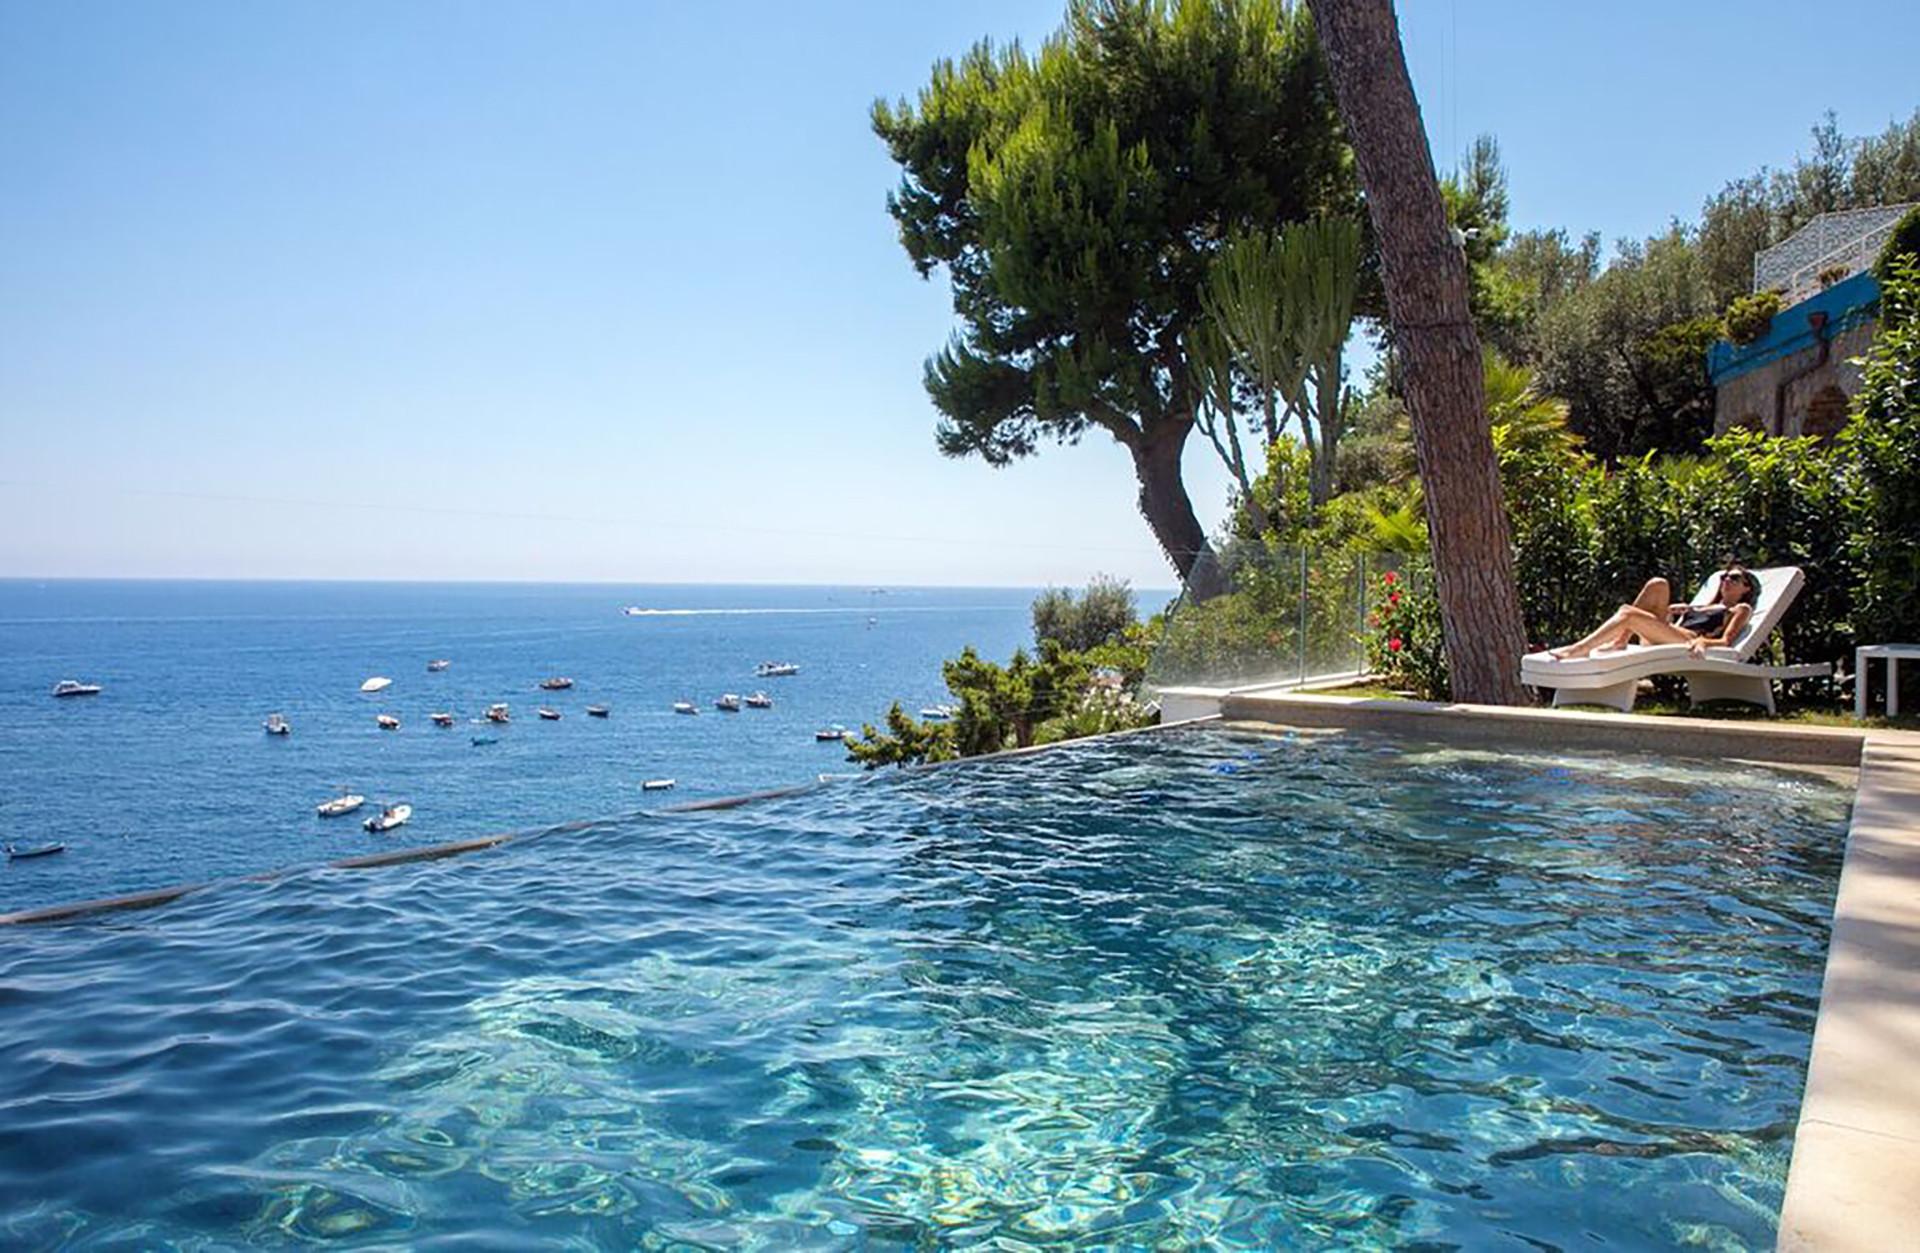 Piscina A Torre Del Greco villa ibiscus con piscina a sfioro, discesa diretta al mare, vista mare,  parcheggio e colazione